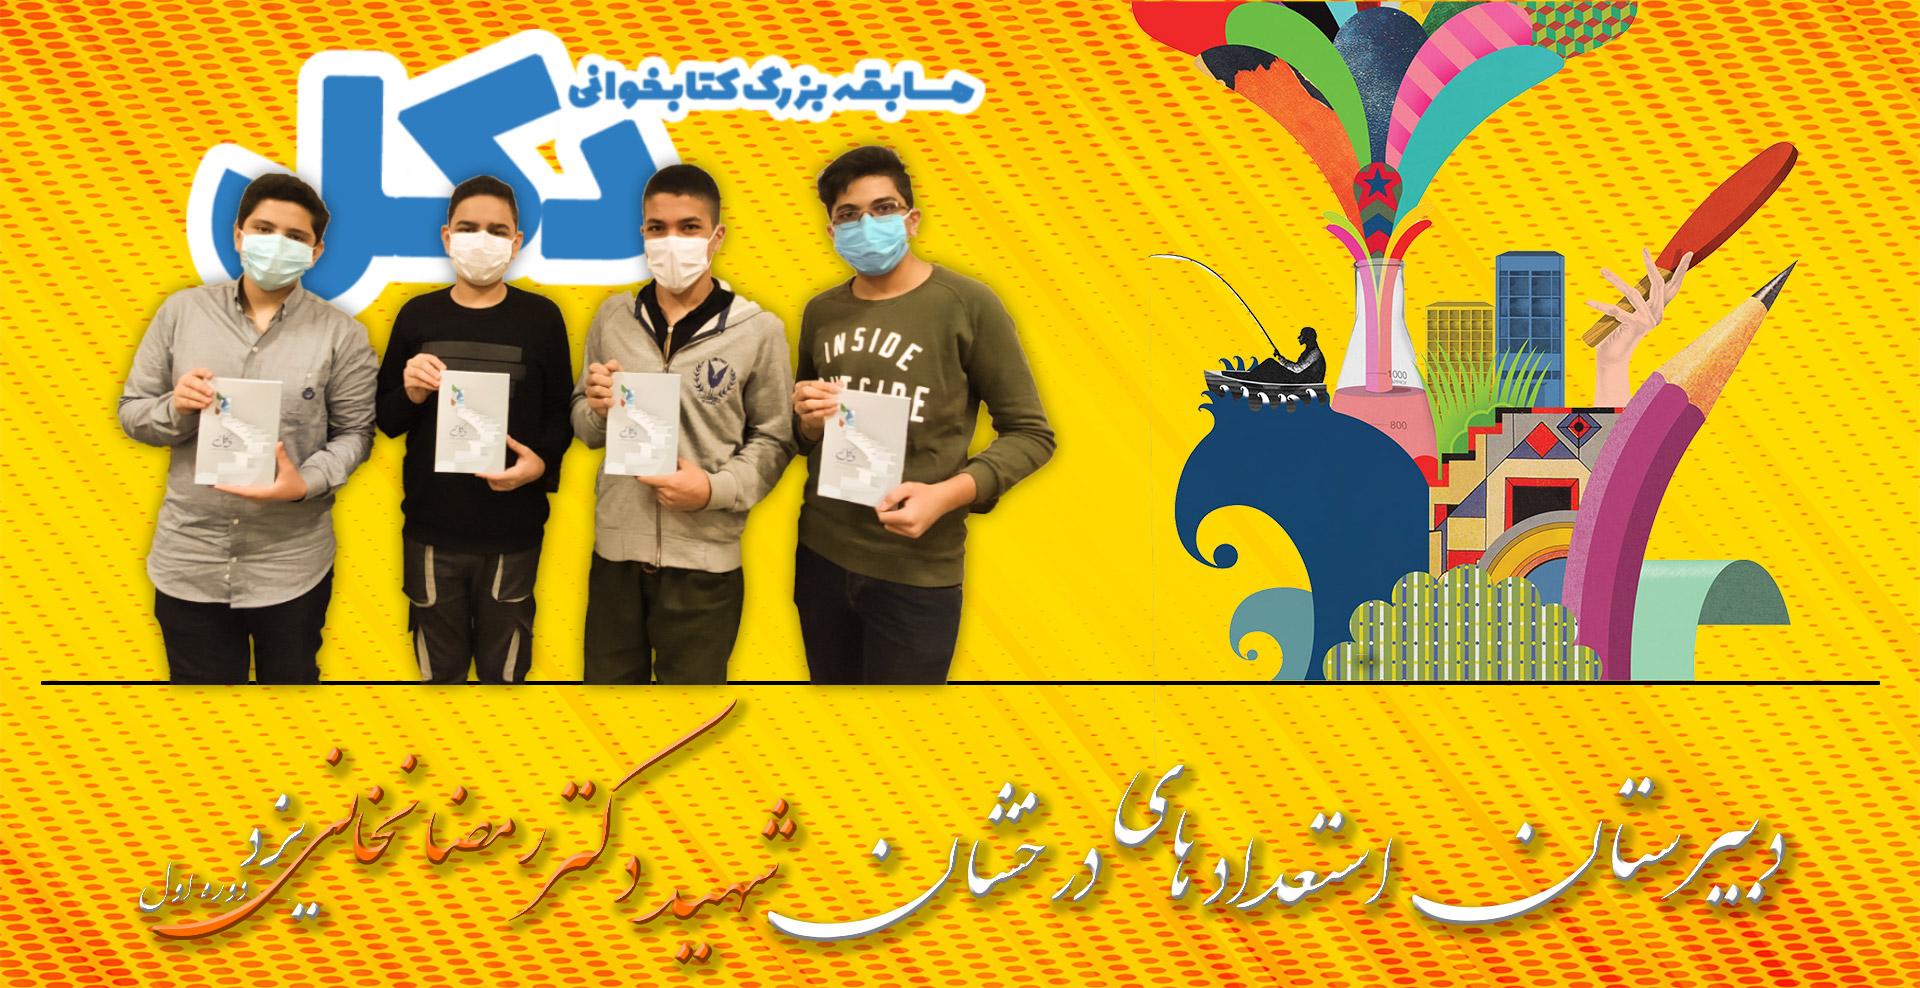 دبیرستان استعدادهای درخشان شهید دکتر رمضانخانی